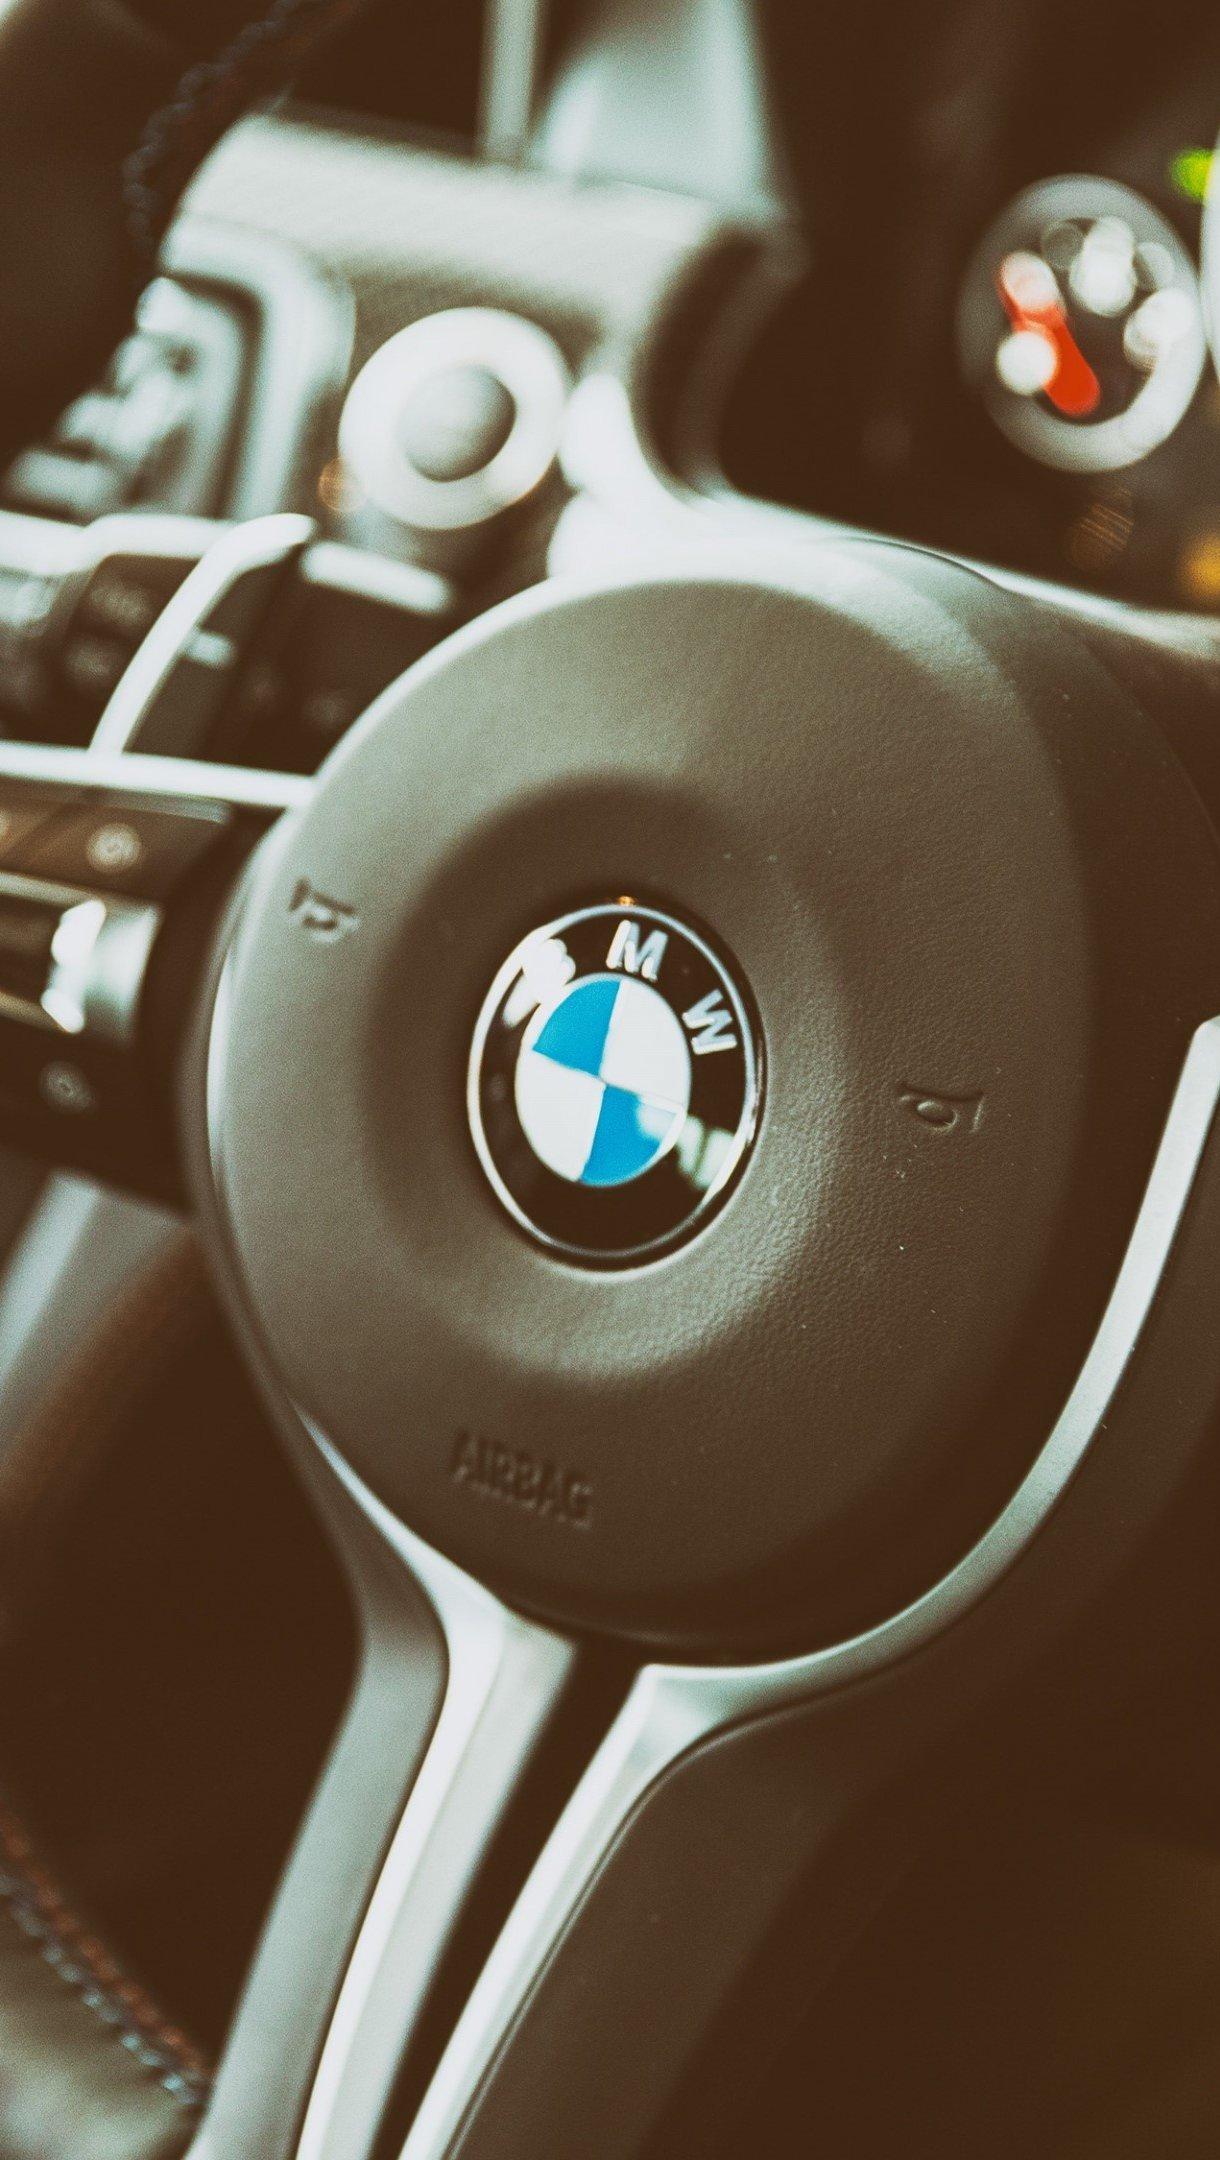 Wallpaper BMW M6 steering wheel Vertical